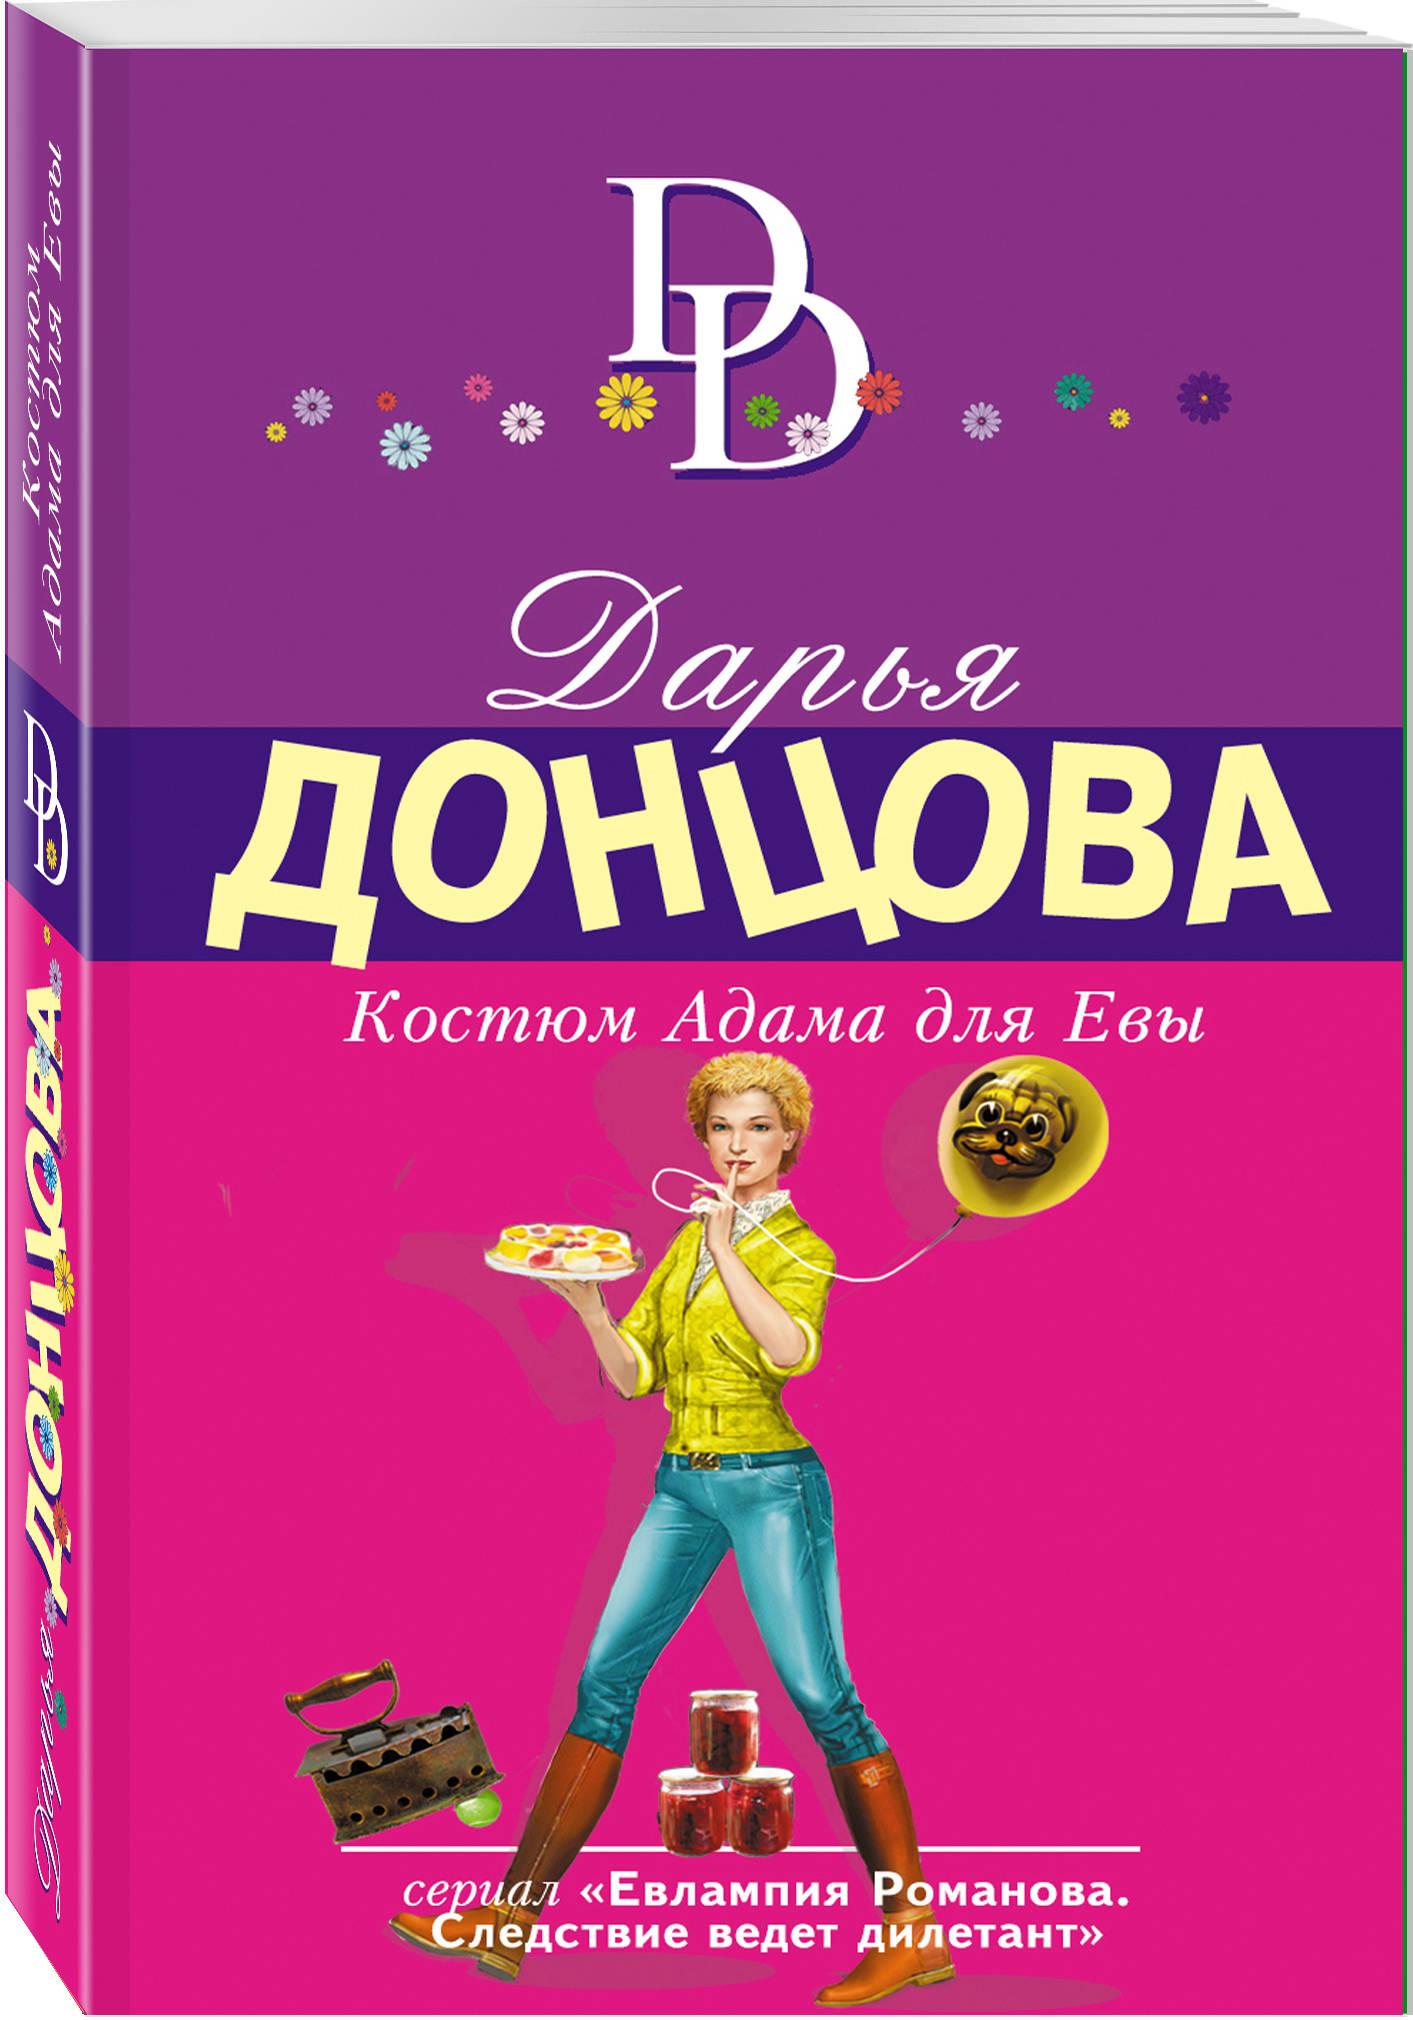 Донцова Дарья Аркадьевна Костюм Адама для Евы